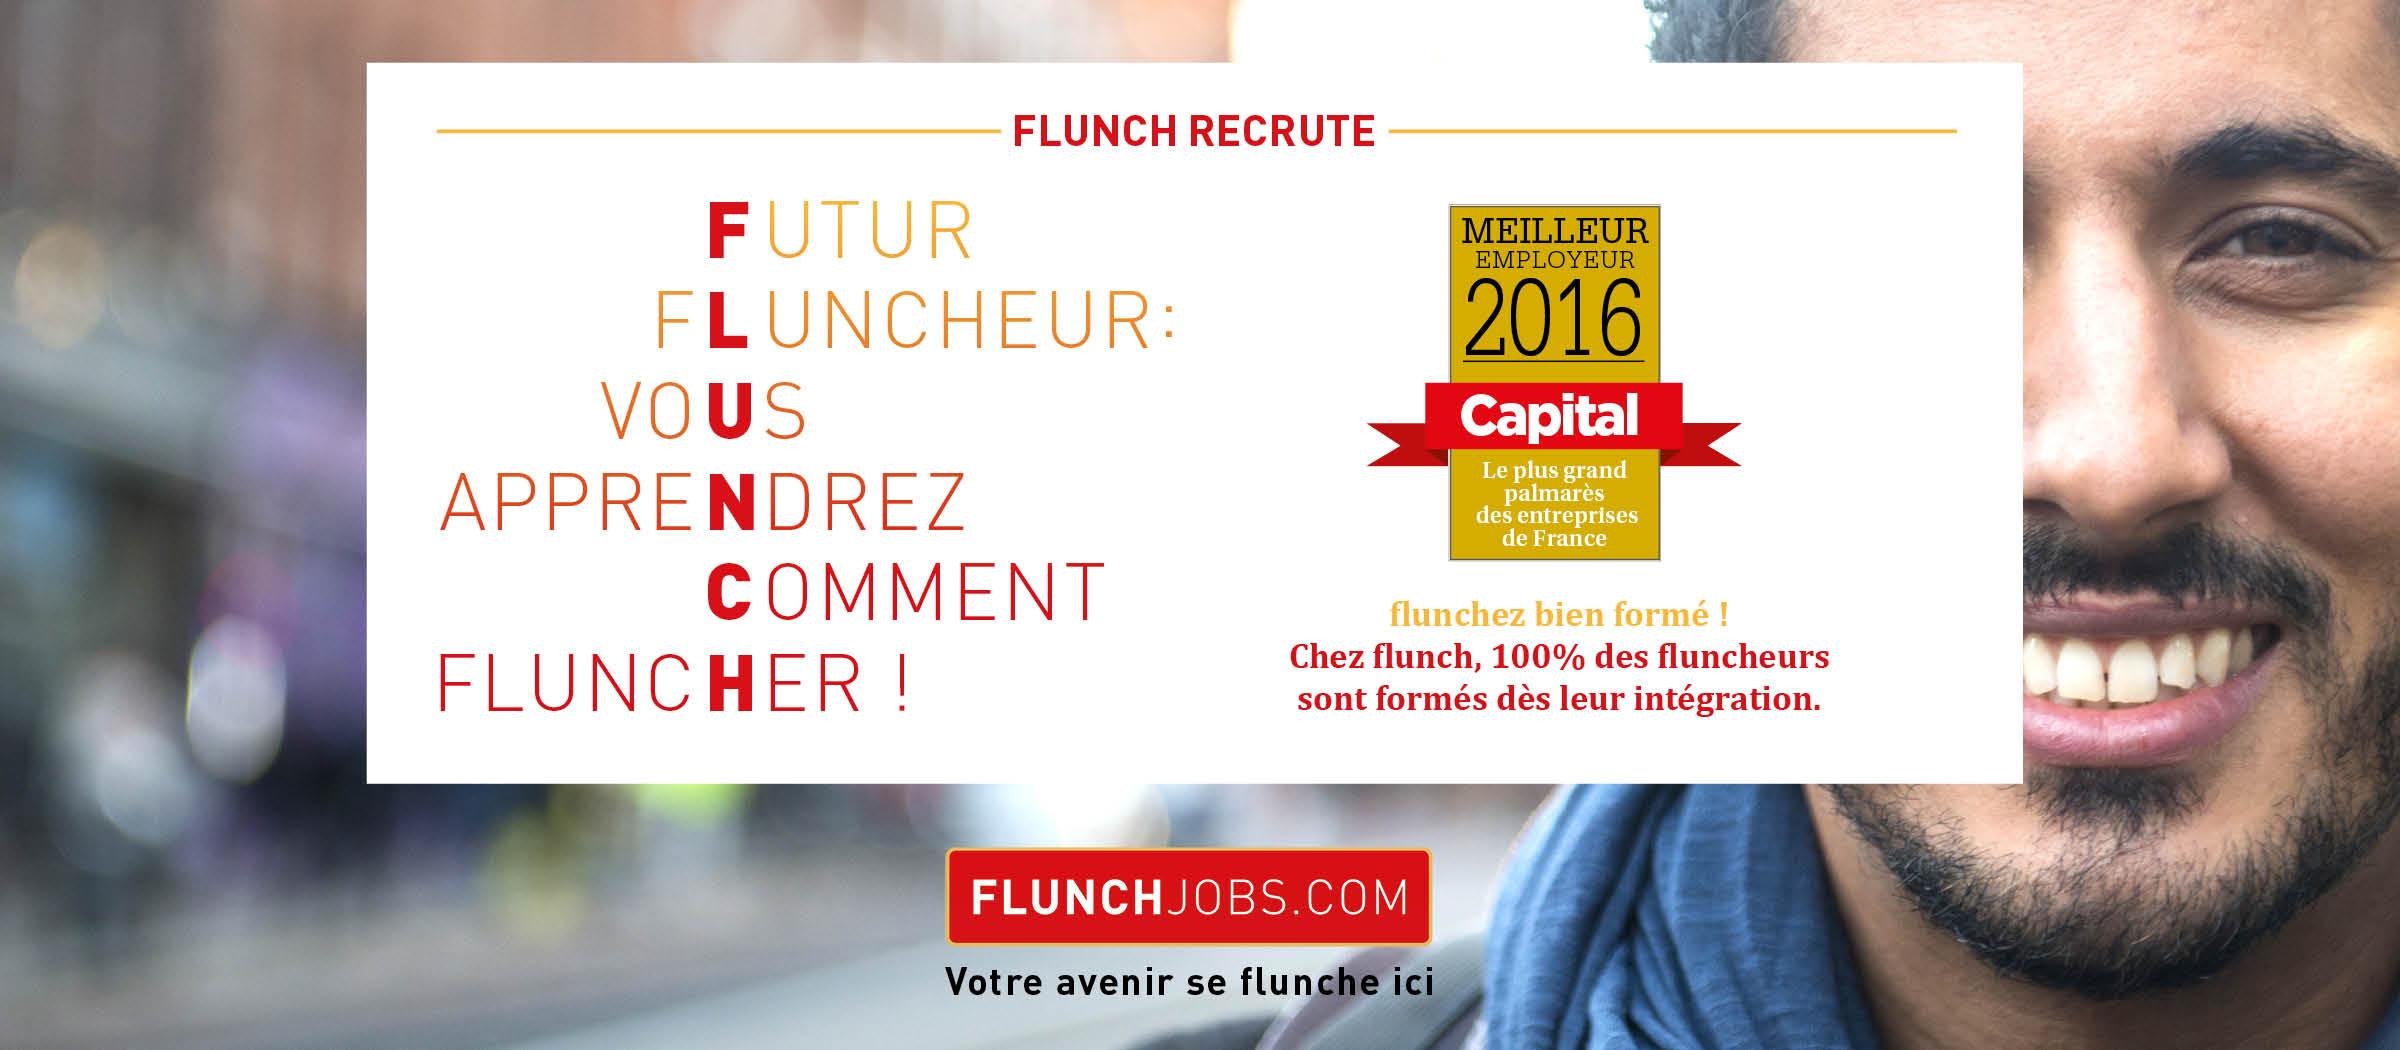 flunch jobs